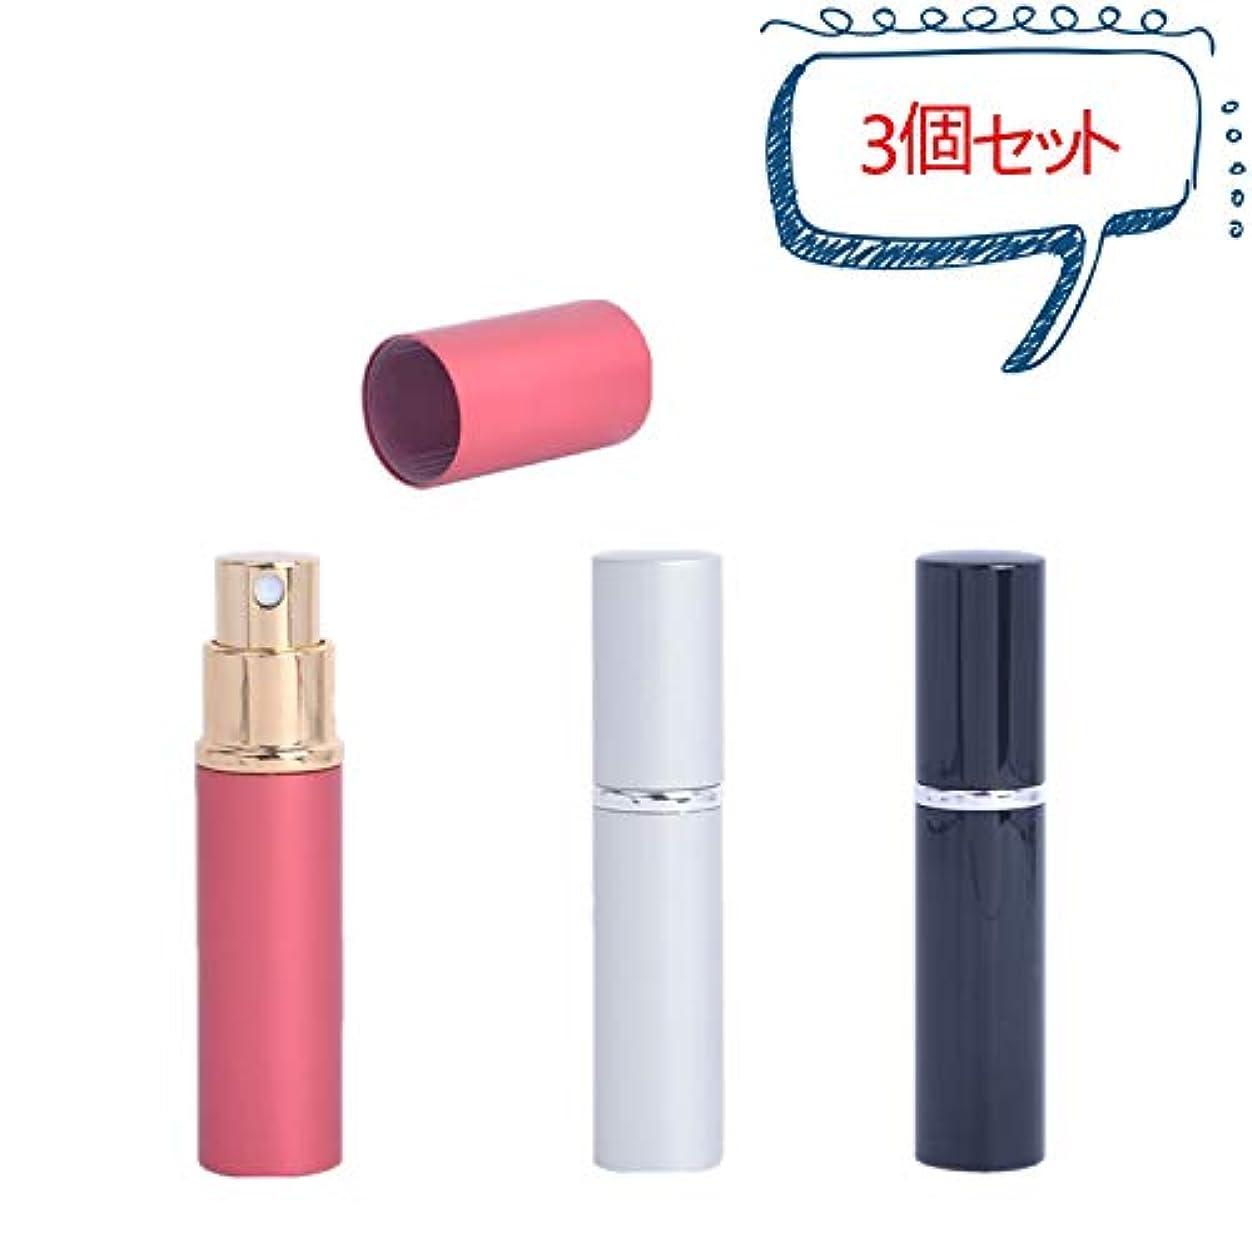 離す後退する魅力[Hordlend] 3個セット アトマイザー 香水ボトル 香水噴霧器 詰め替え容器 旅行携帯用 5ml 3色セットXSP-025